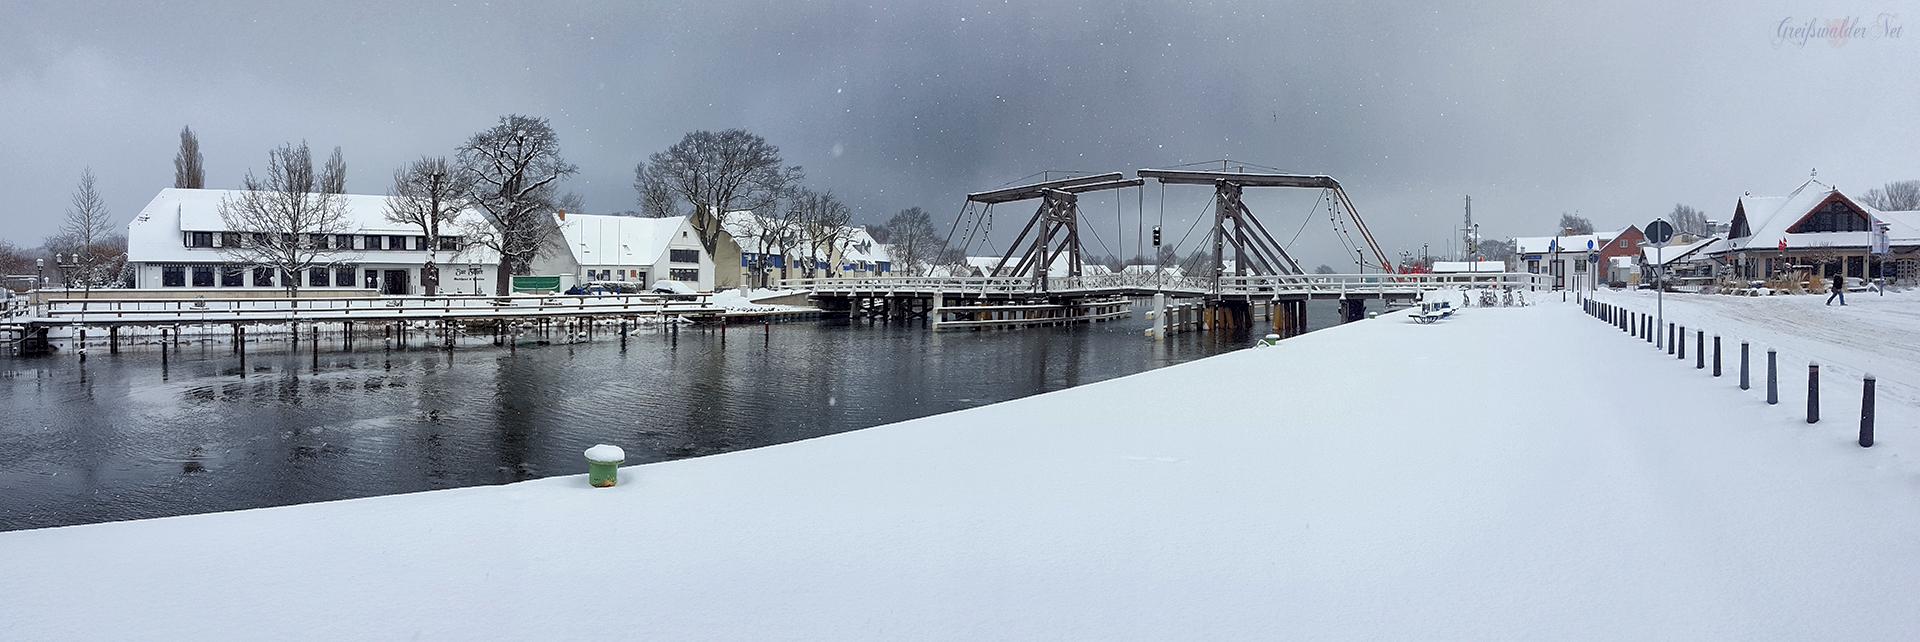 winterliches Panorama - Brücke in Greifswald-Wieck